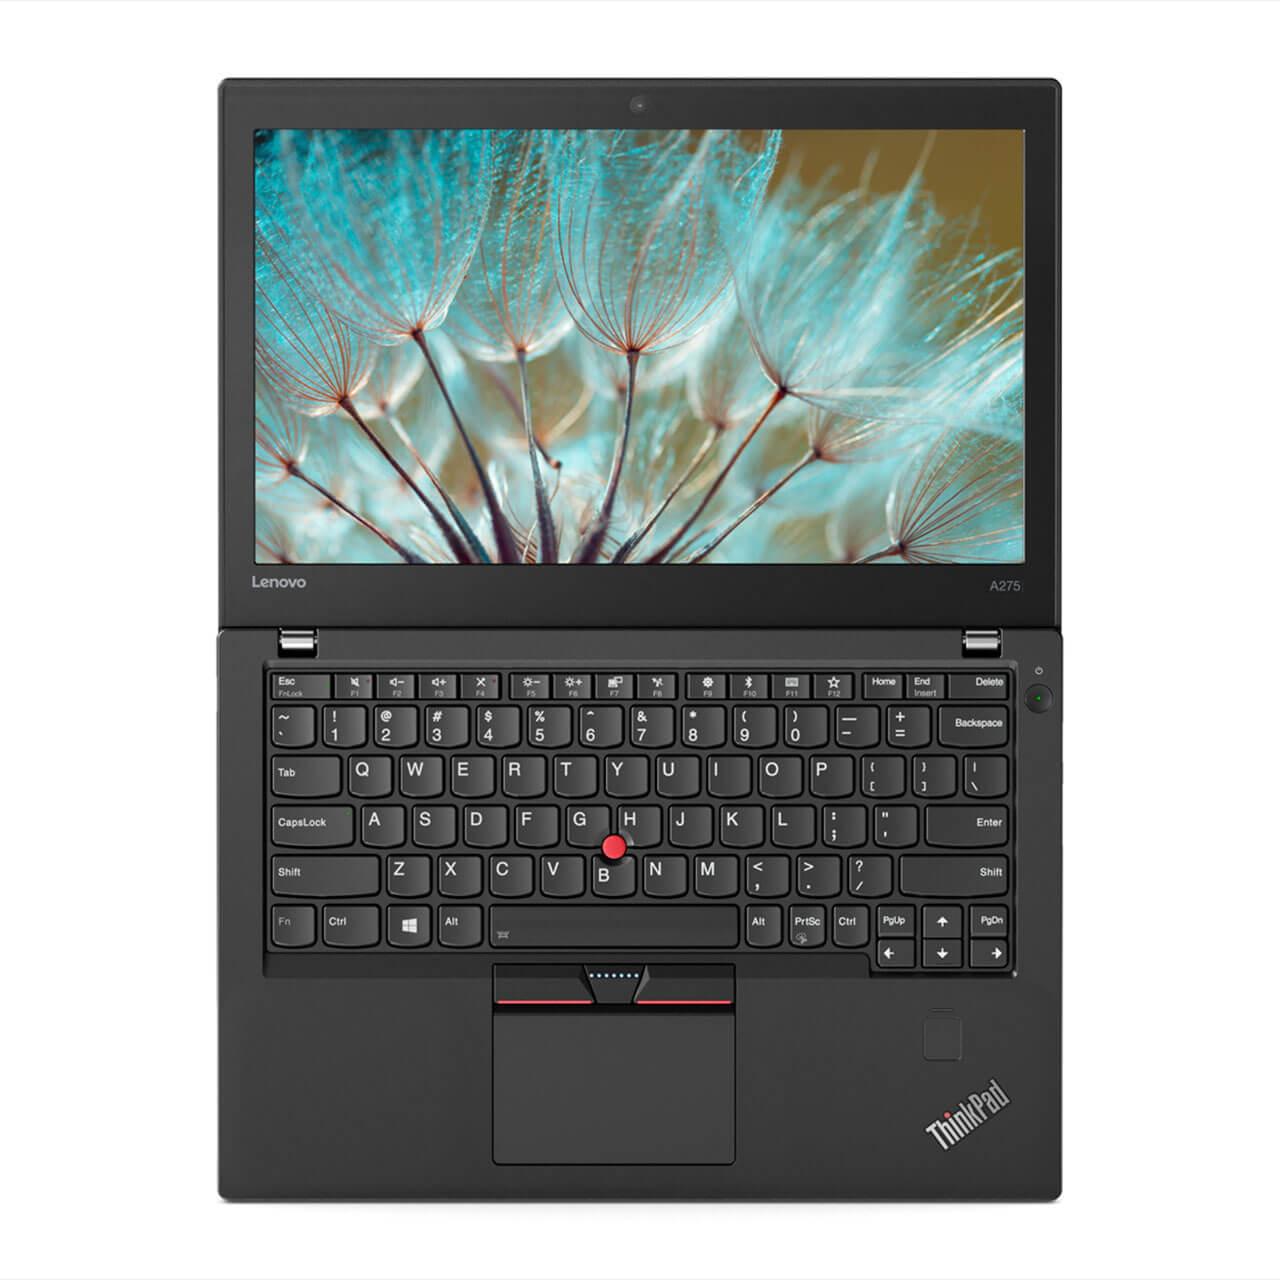 """Lenovo ThinkPad A275, 12.5"""", AMD A12-9800B -9800B, 8GB DDR4 RAM, 256GB SSD, Win 10 Pro 64 3"""